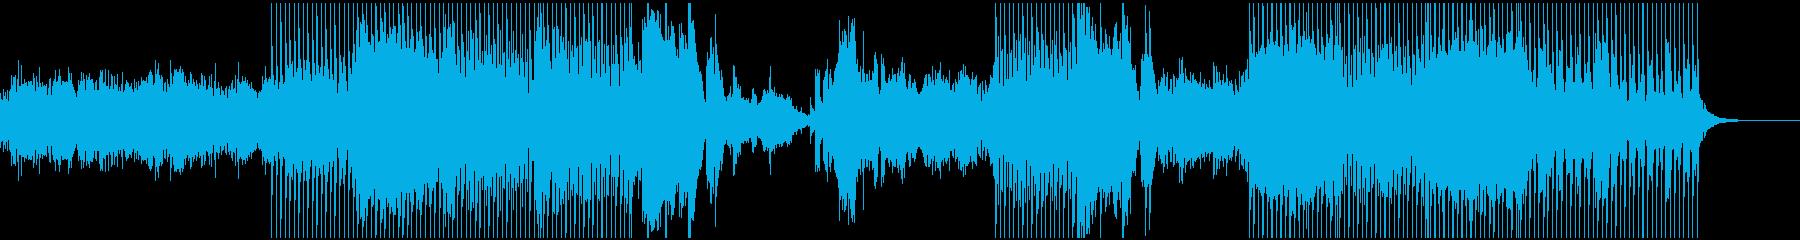 遠くに伸びていくようなイメージ(テクノ)の再生済みの波形